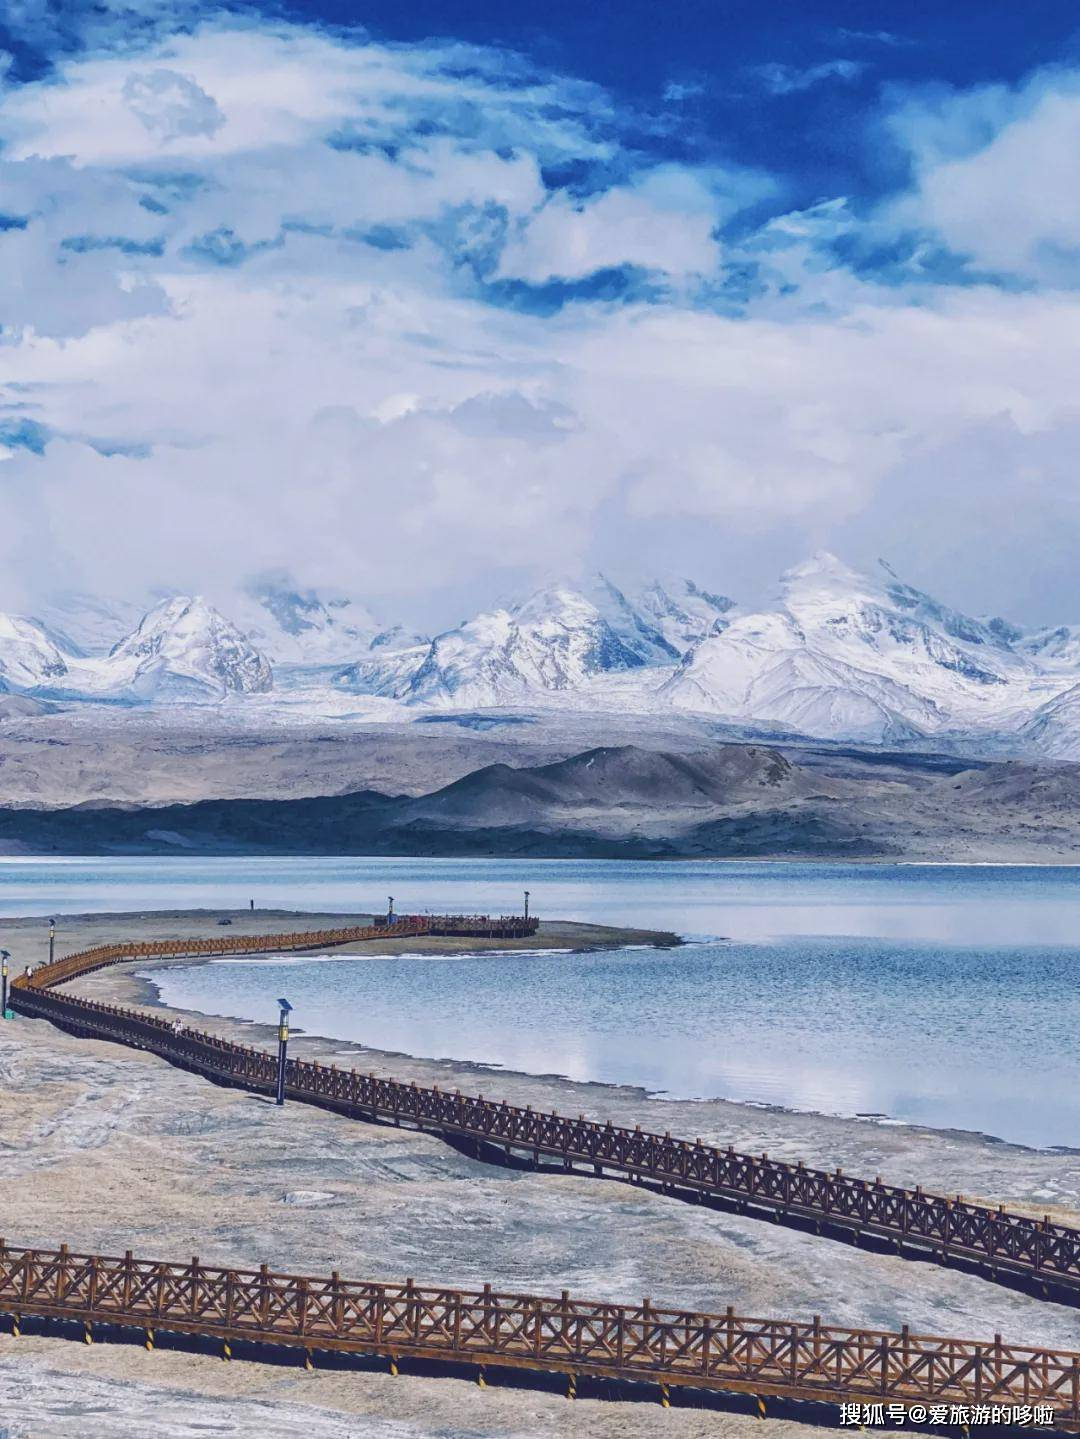 """中国最壮美的边境走廊,堪称""""世界十大险峻公路""""!此生必走一次"""